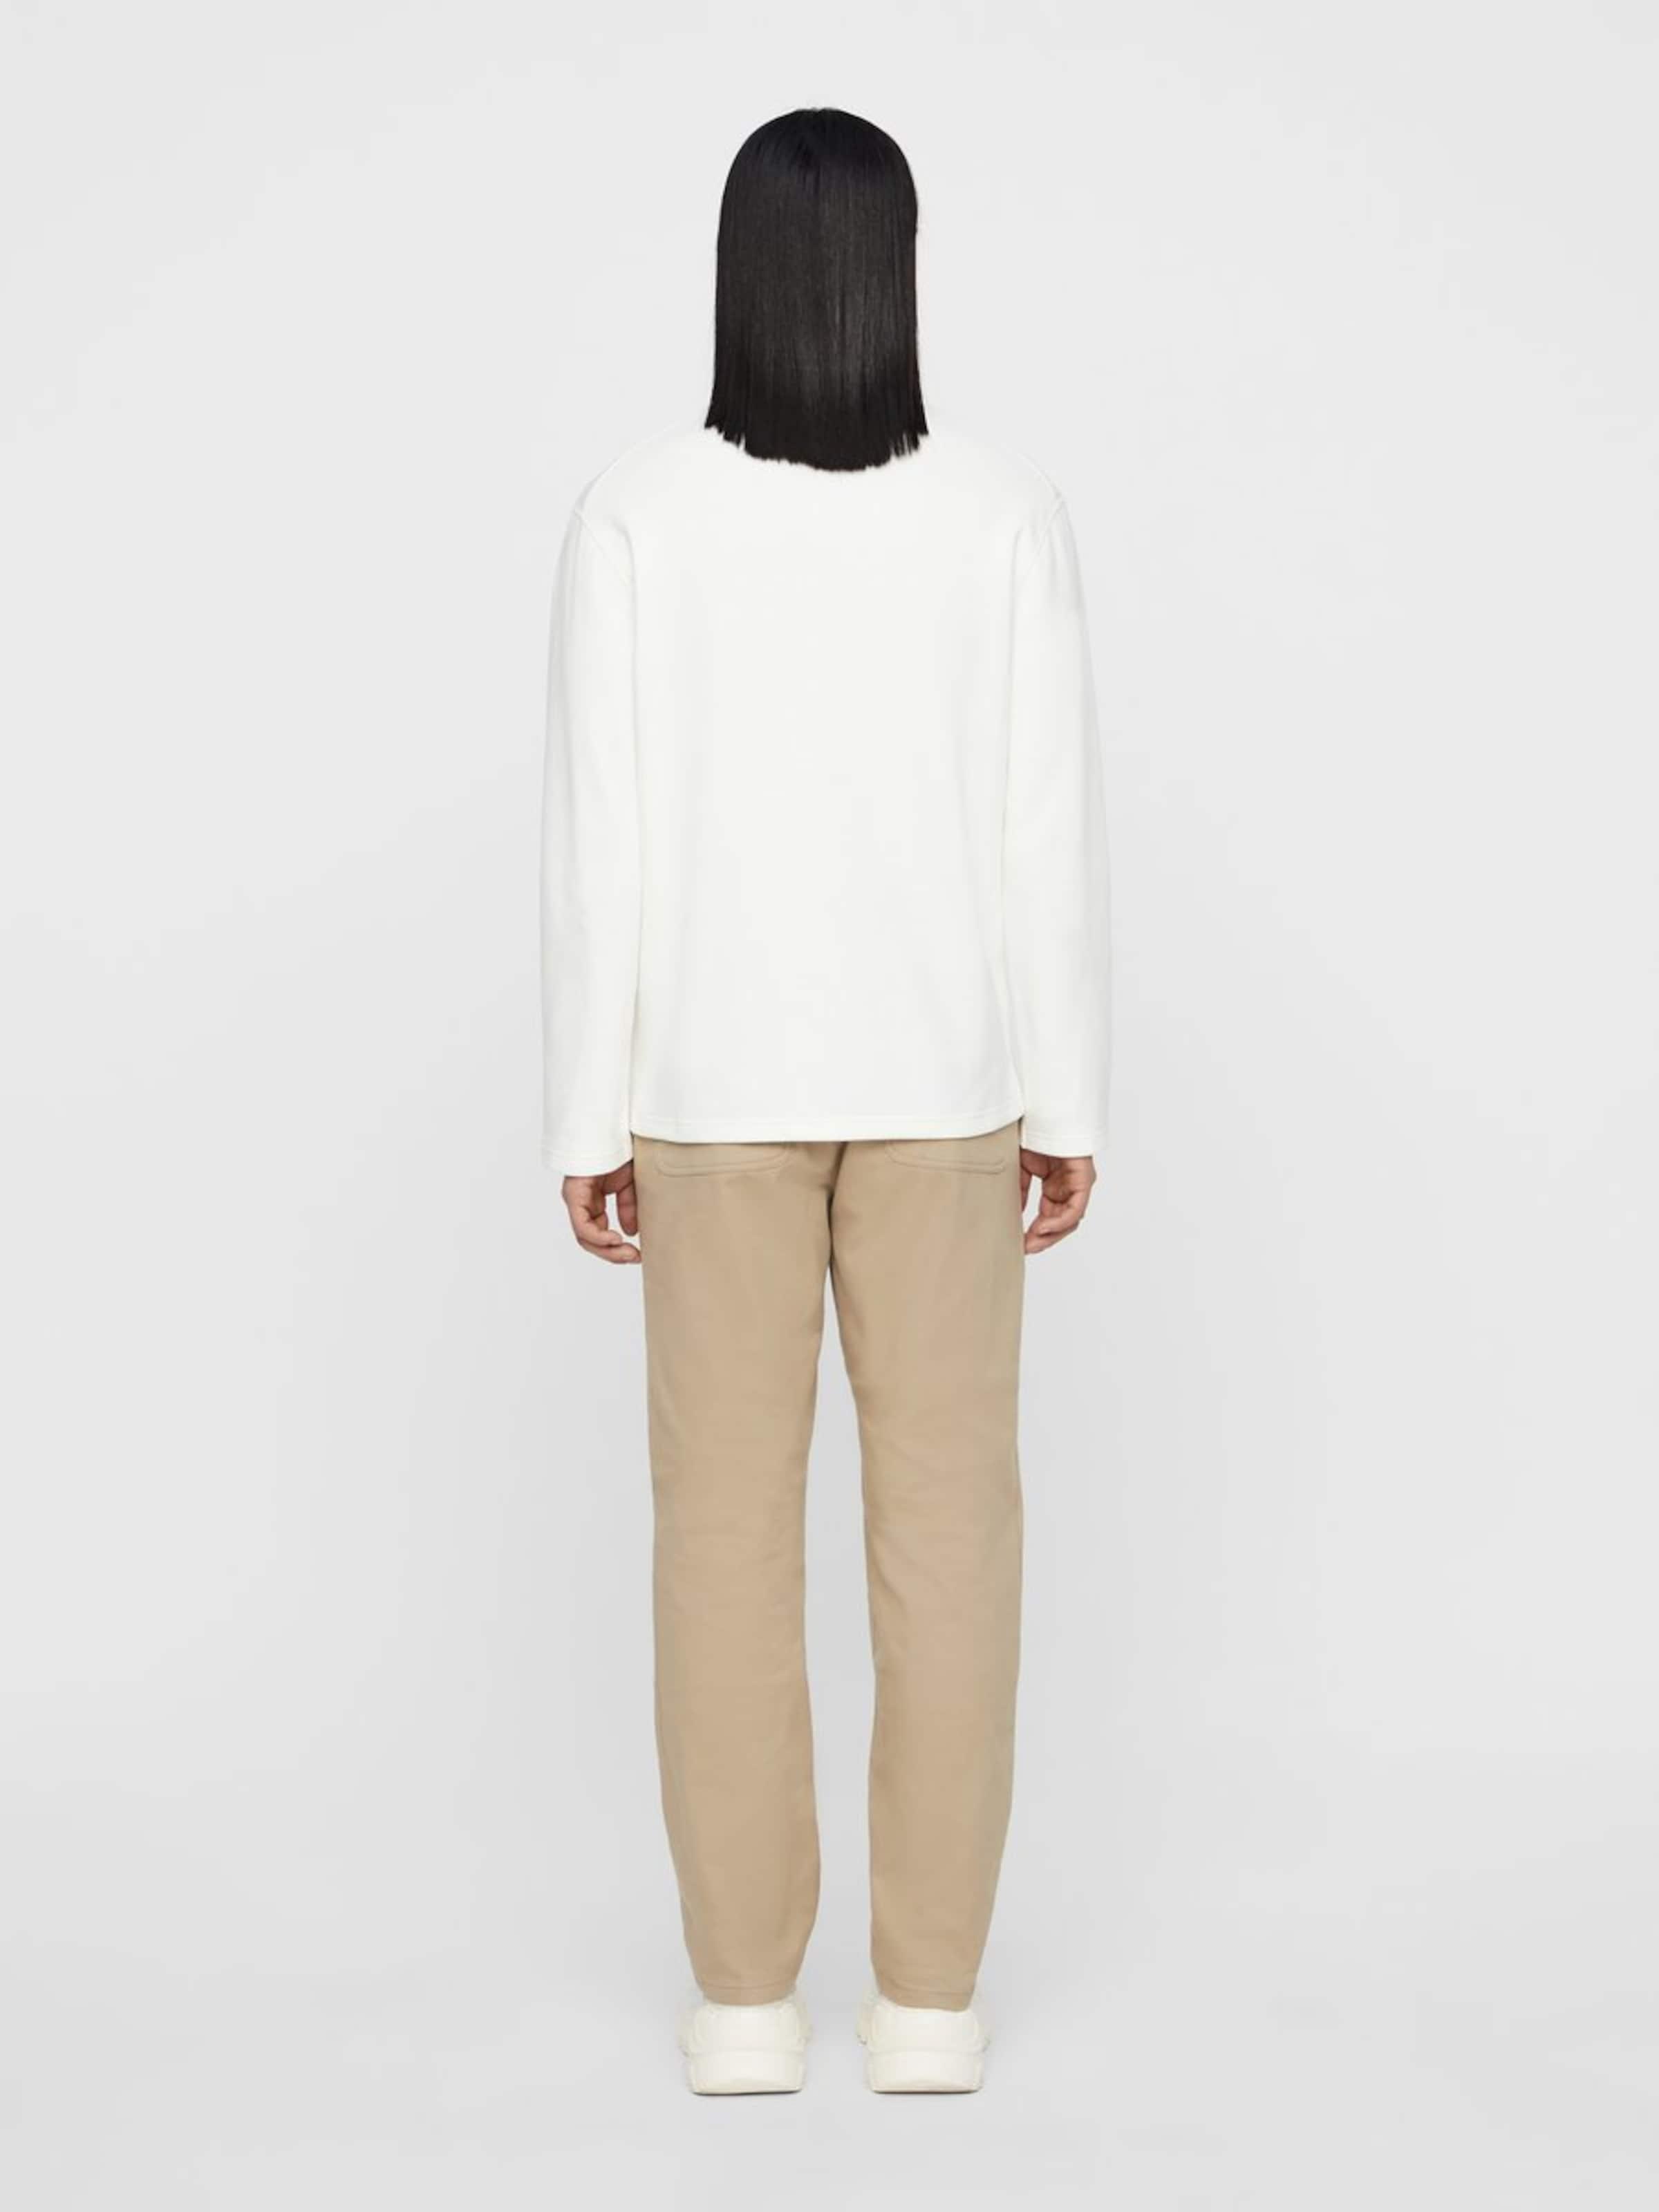 Blanc J Sweat 'ade' shirt En lindeberg ynPvN8m0wO